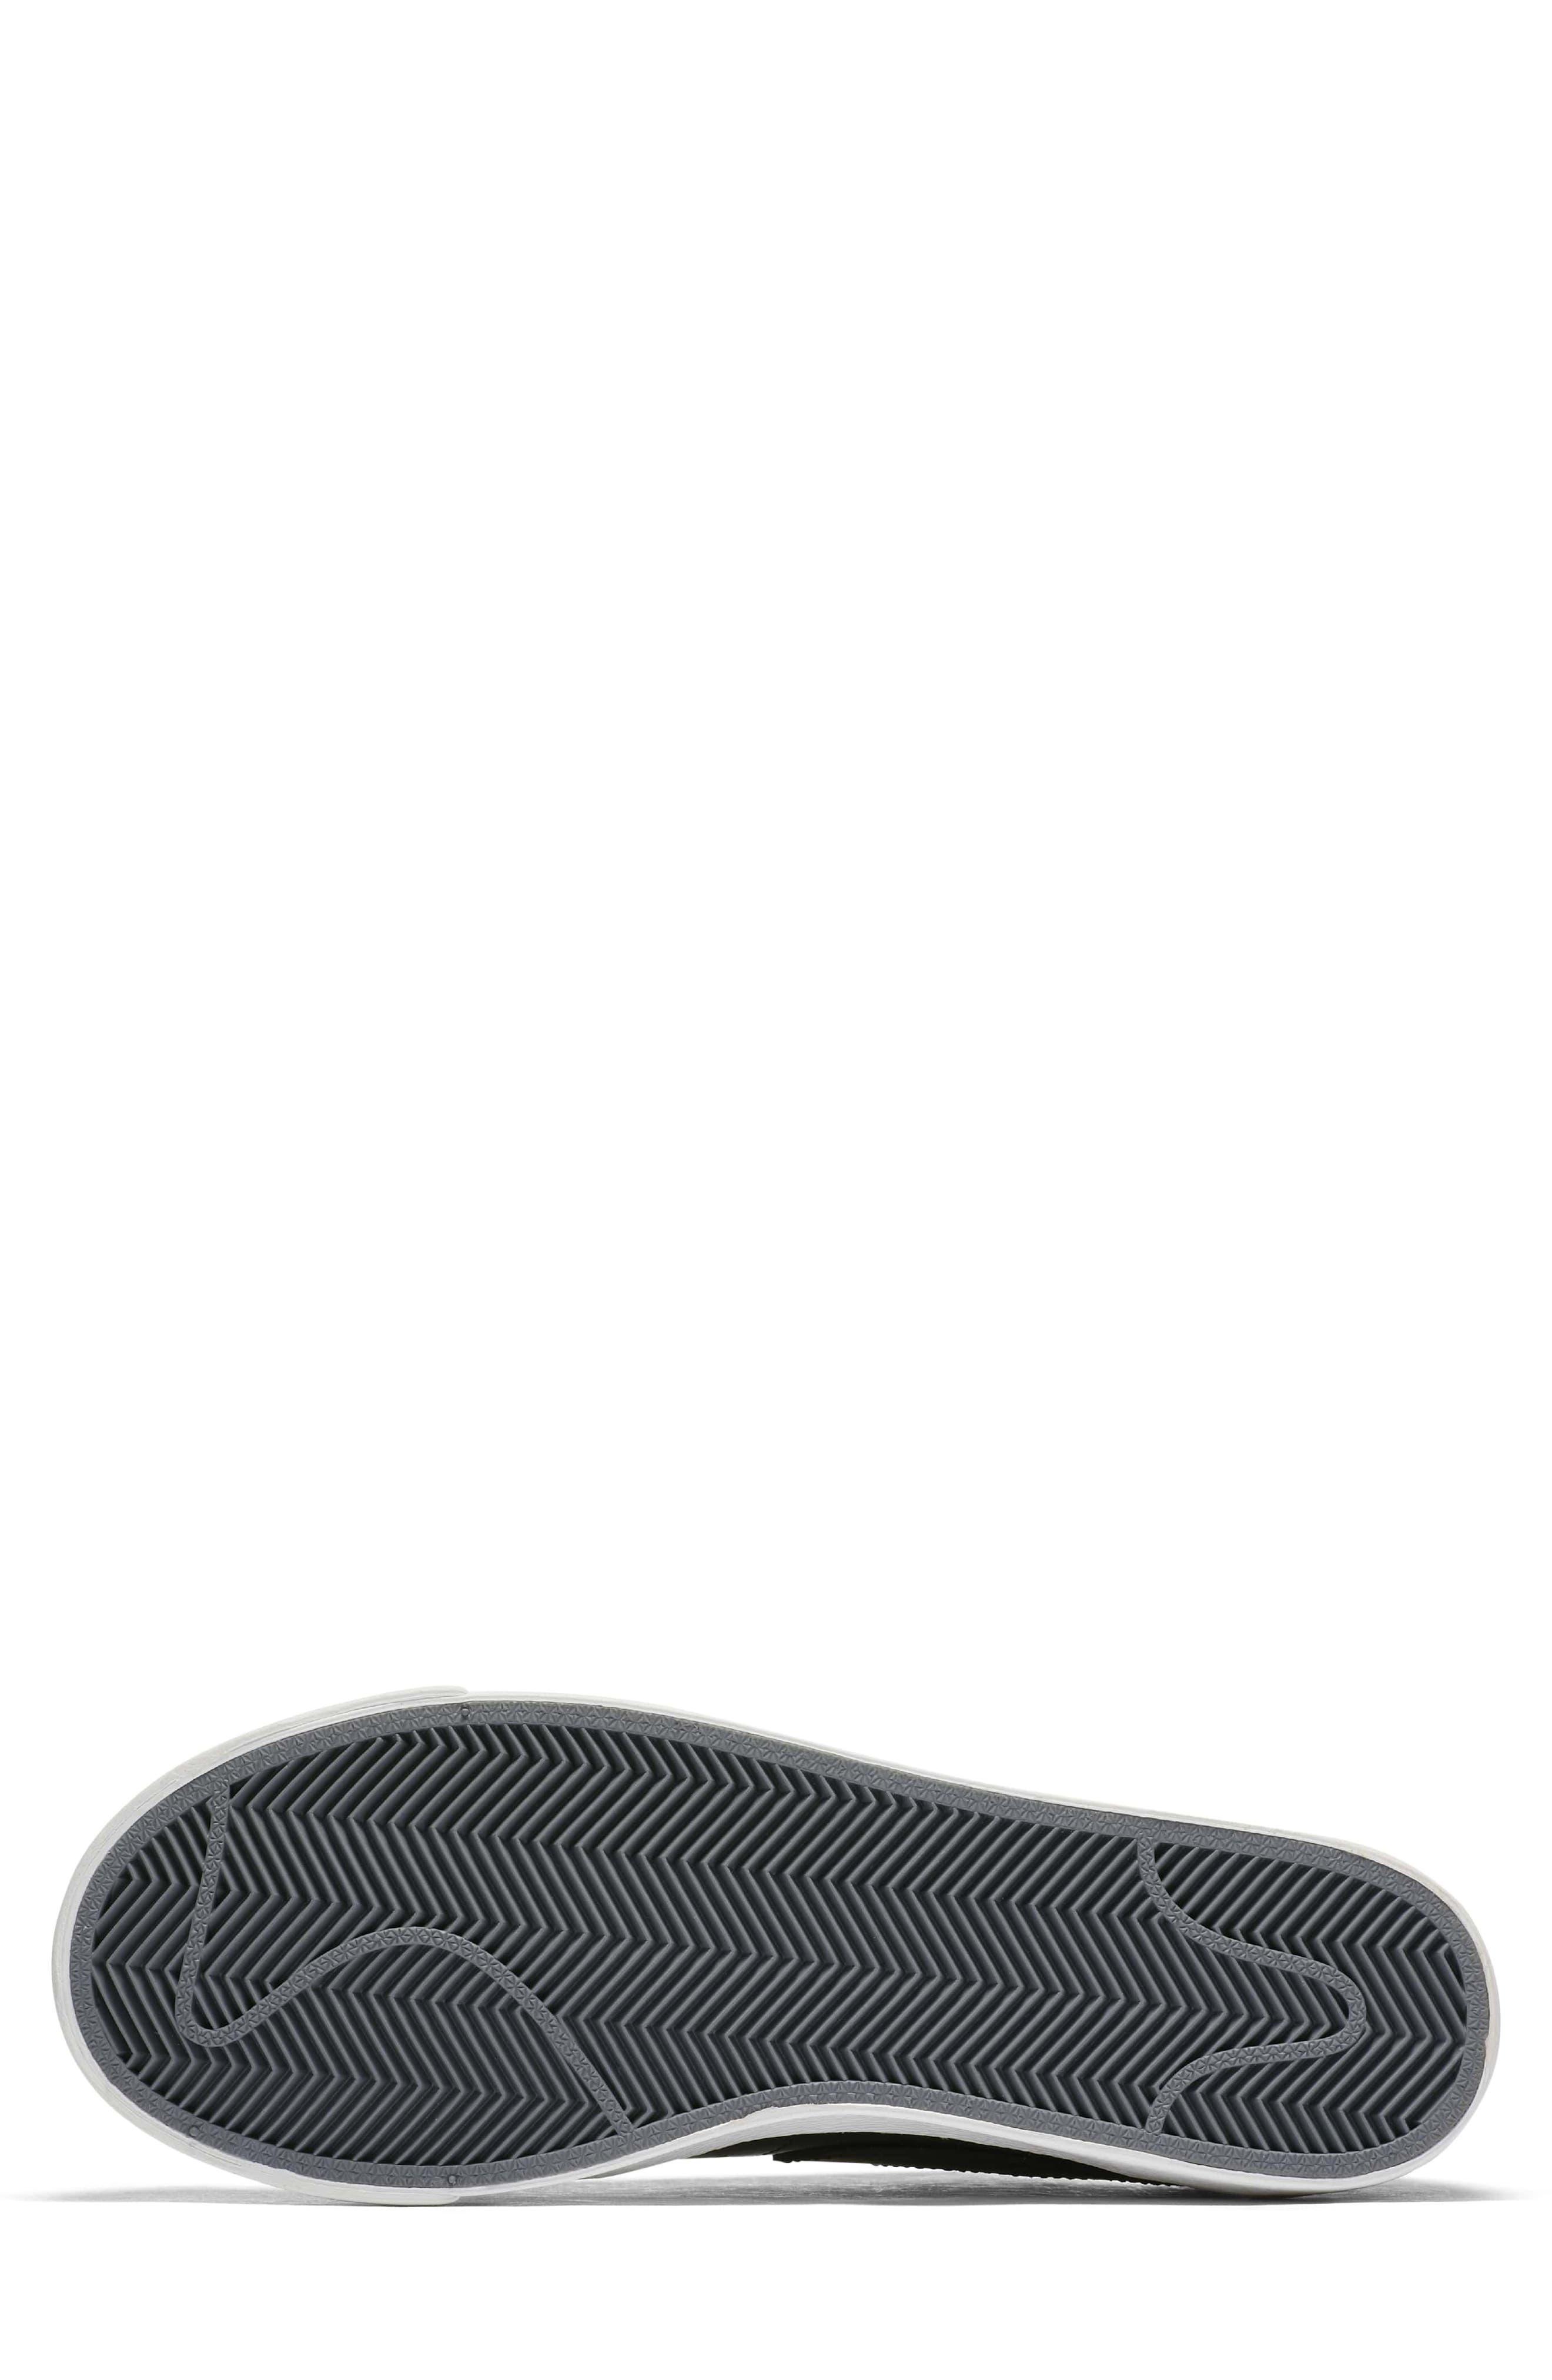 Blazer Low Top Sneaker SE,                             Alternate thumbnail 6, color,                             Black/ Black Reflect Silver